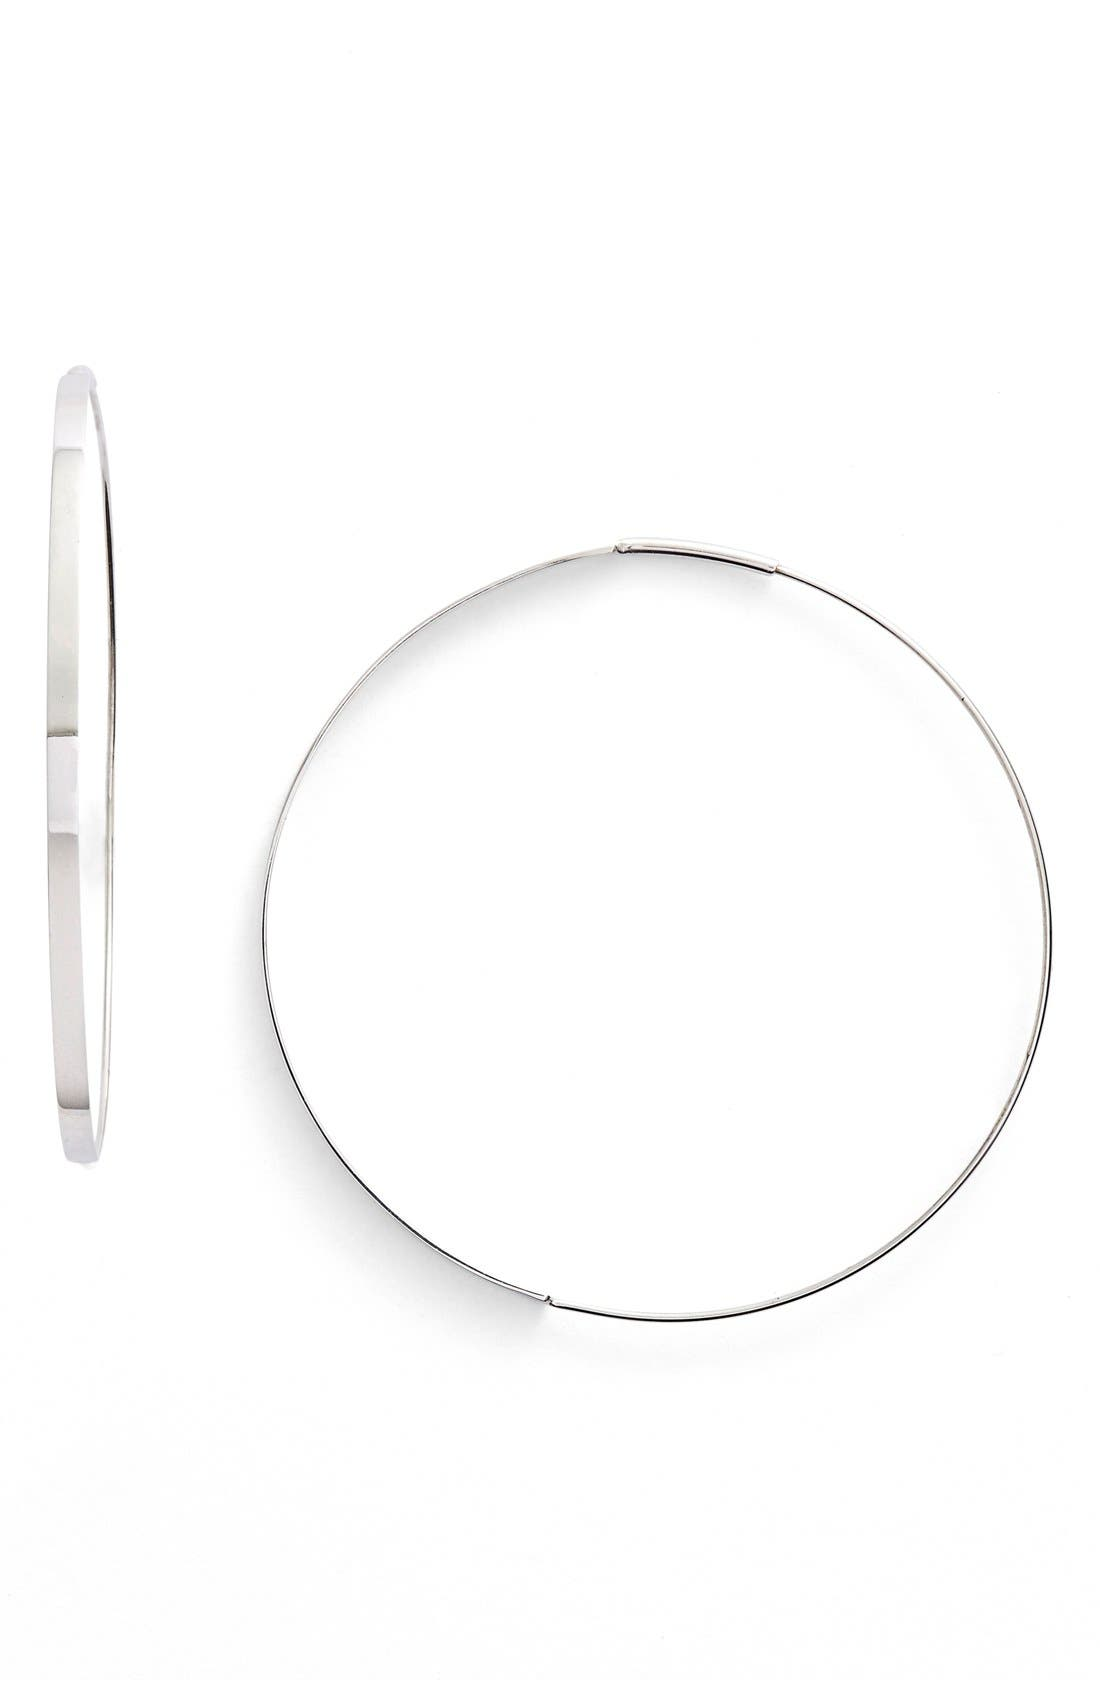 LANA JEWELRY Flat Magic Medium Hoop Earrings